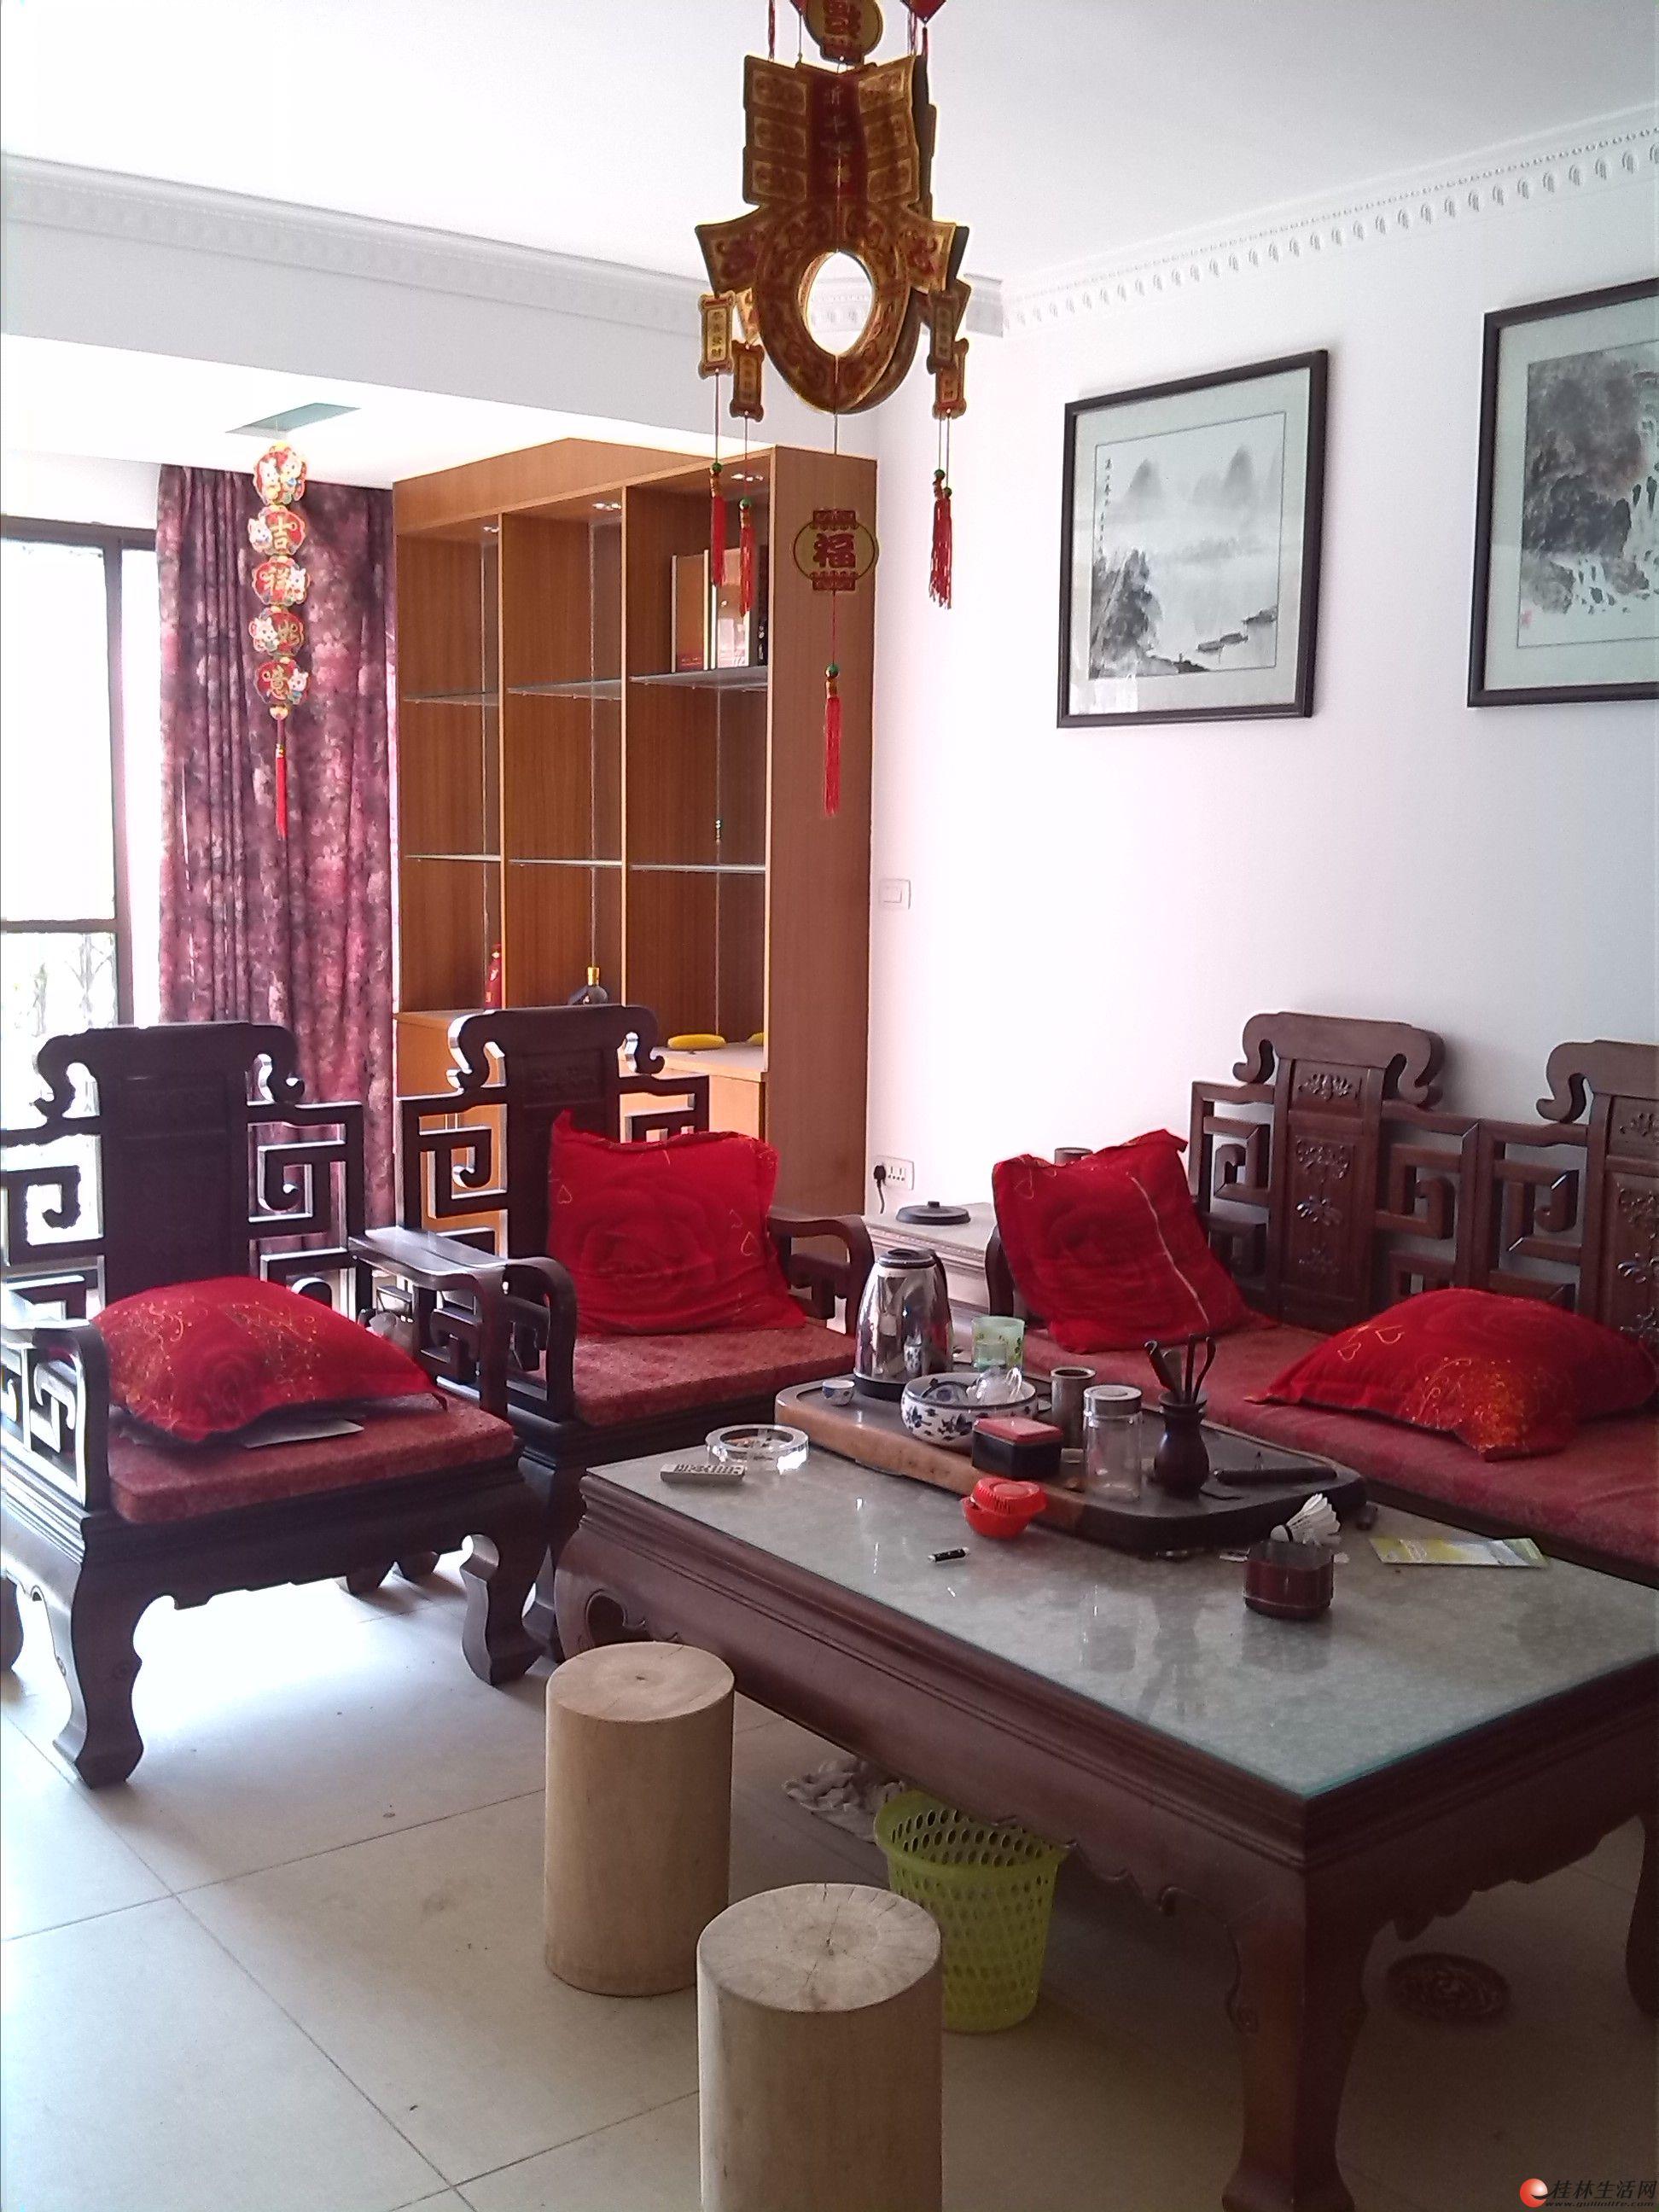 汇景东城 豪华装修 3房2厅2卫 高档家具家电 拎包入住 很温馨的房子